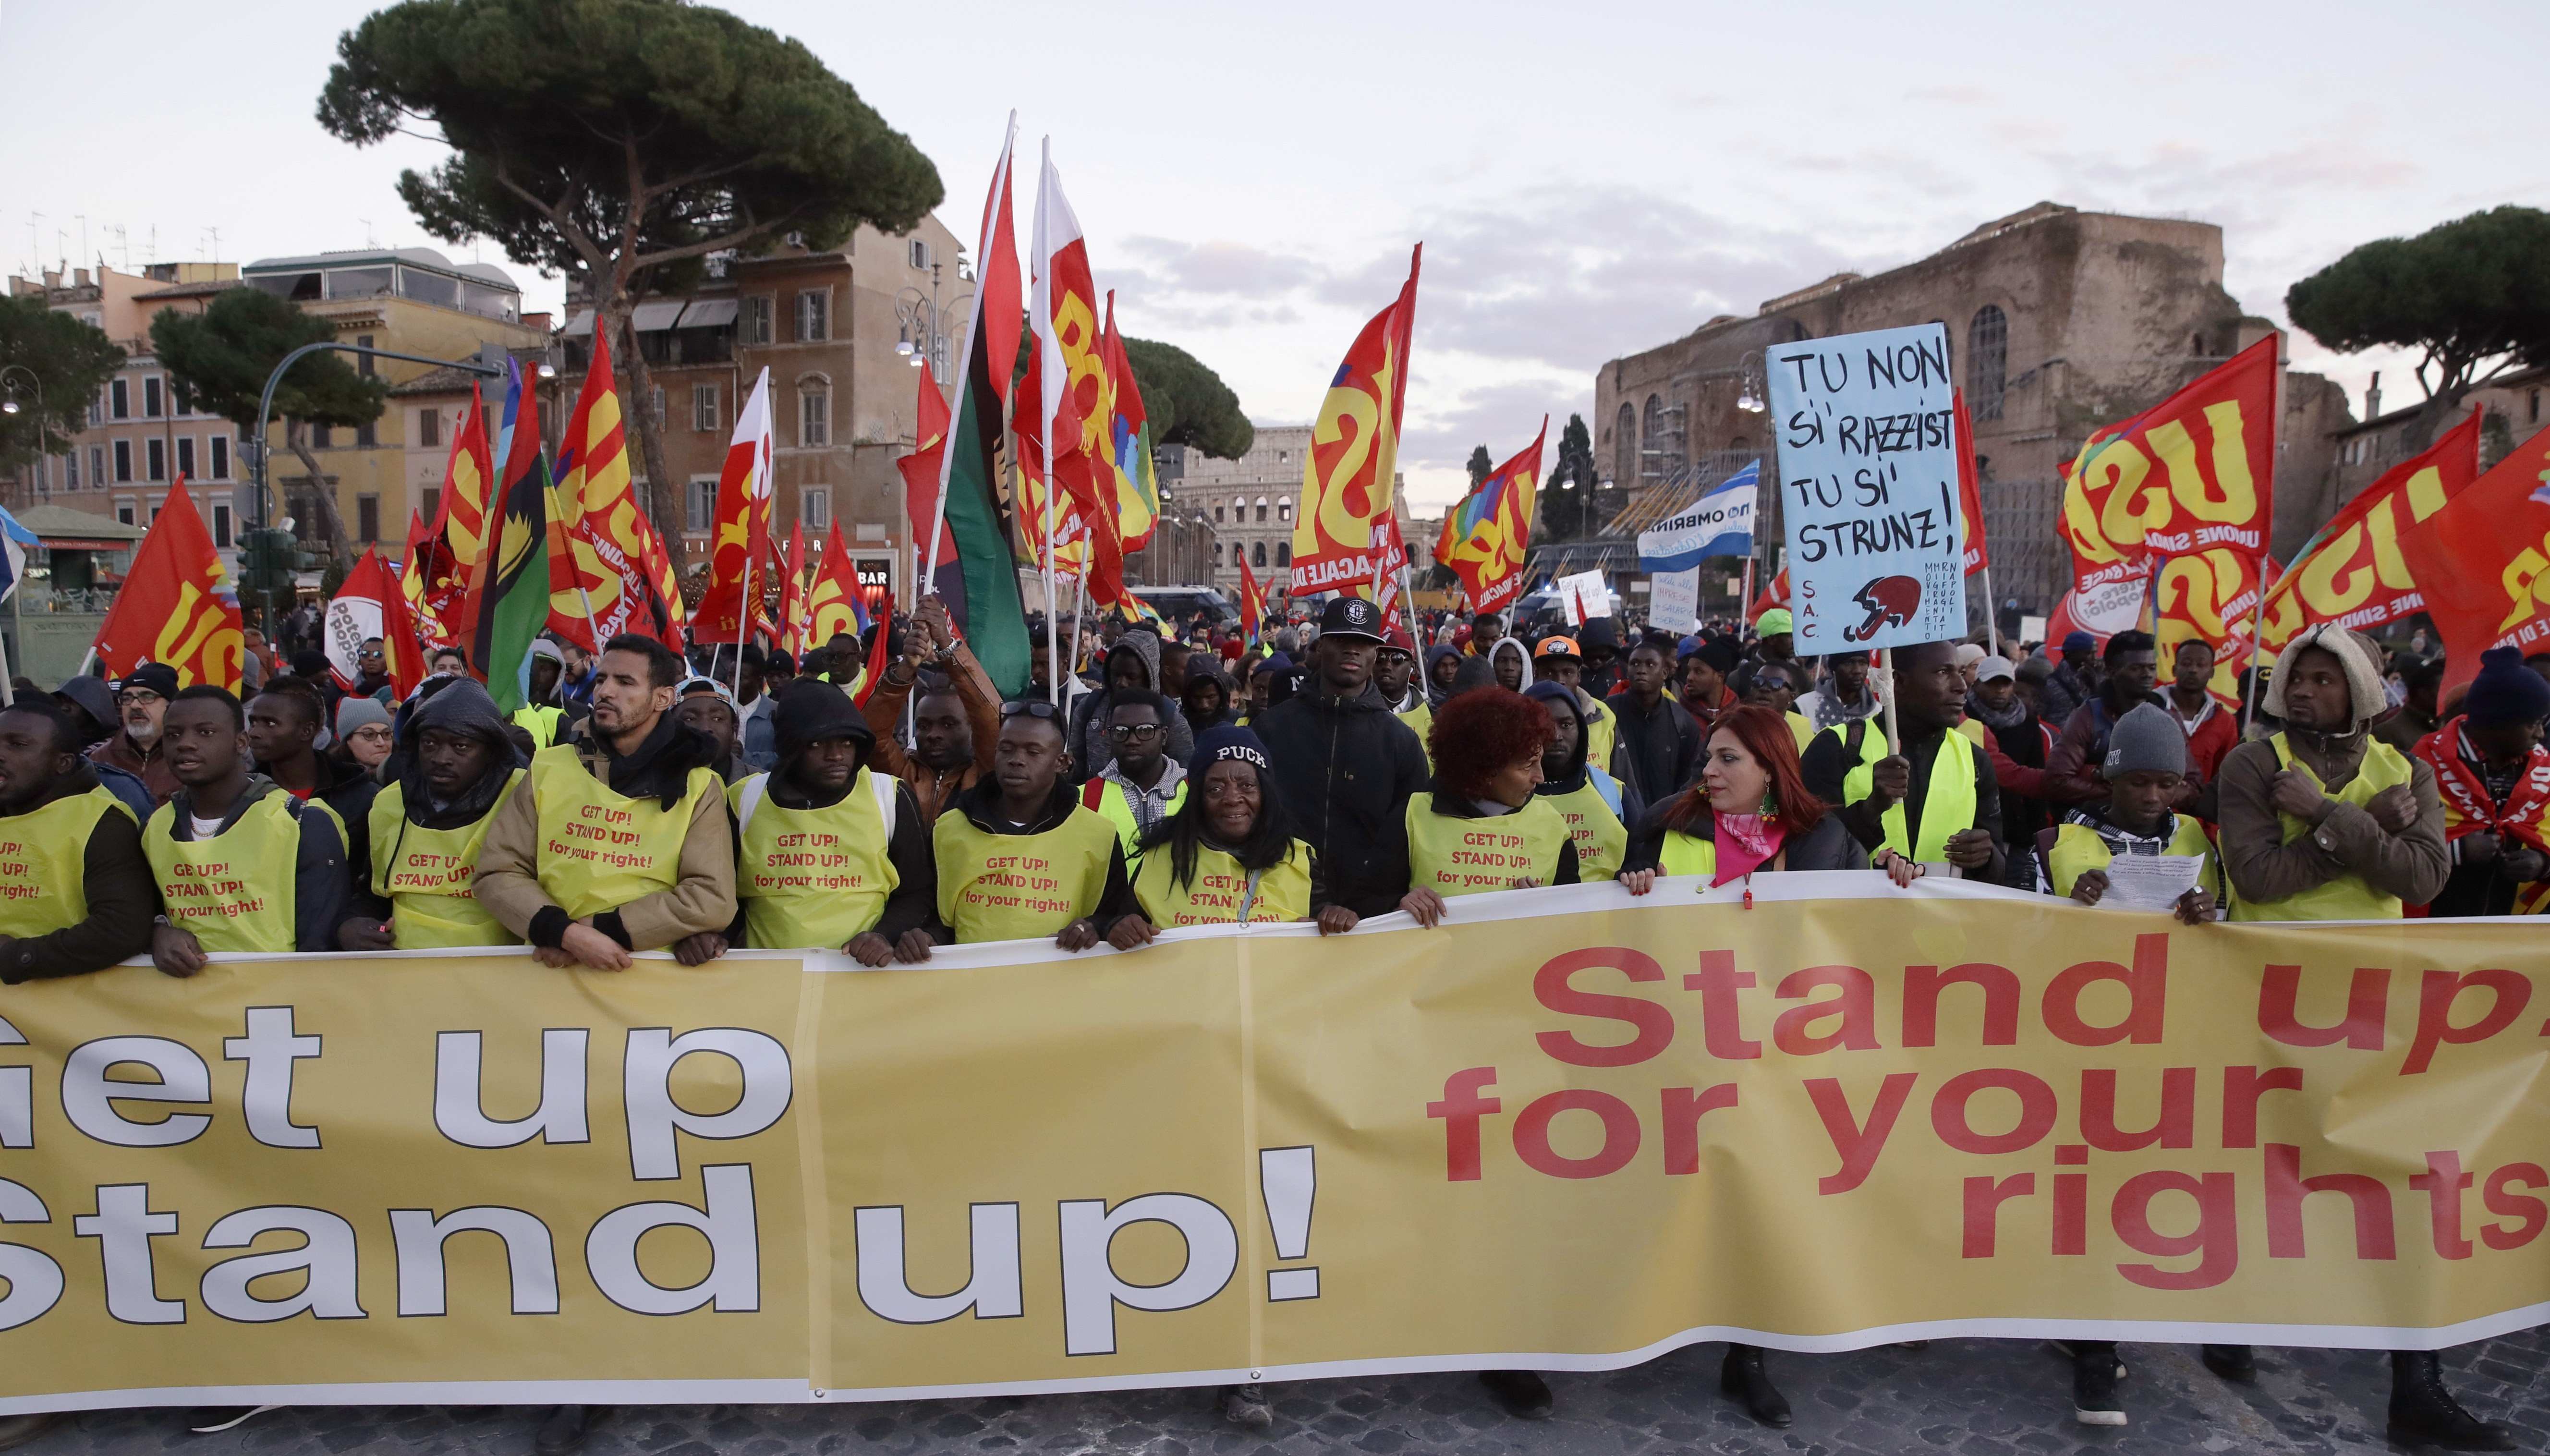 Milhares de pessoas se manifestam na Itália contra lei que endurece regras para imigração e asilo